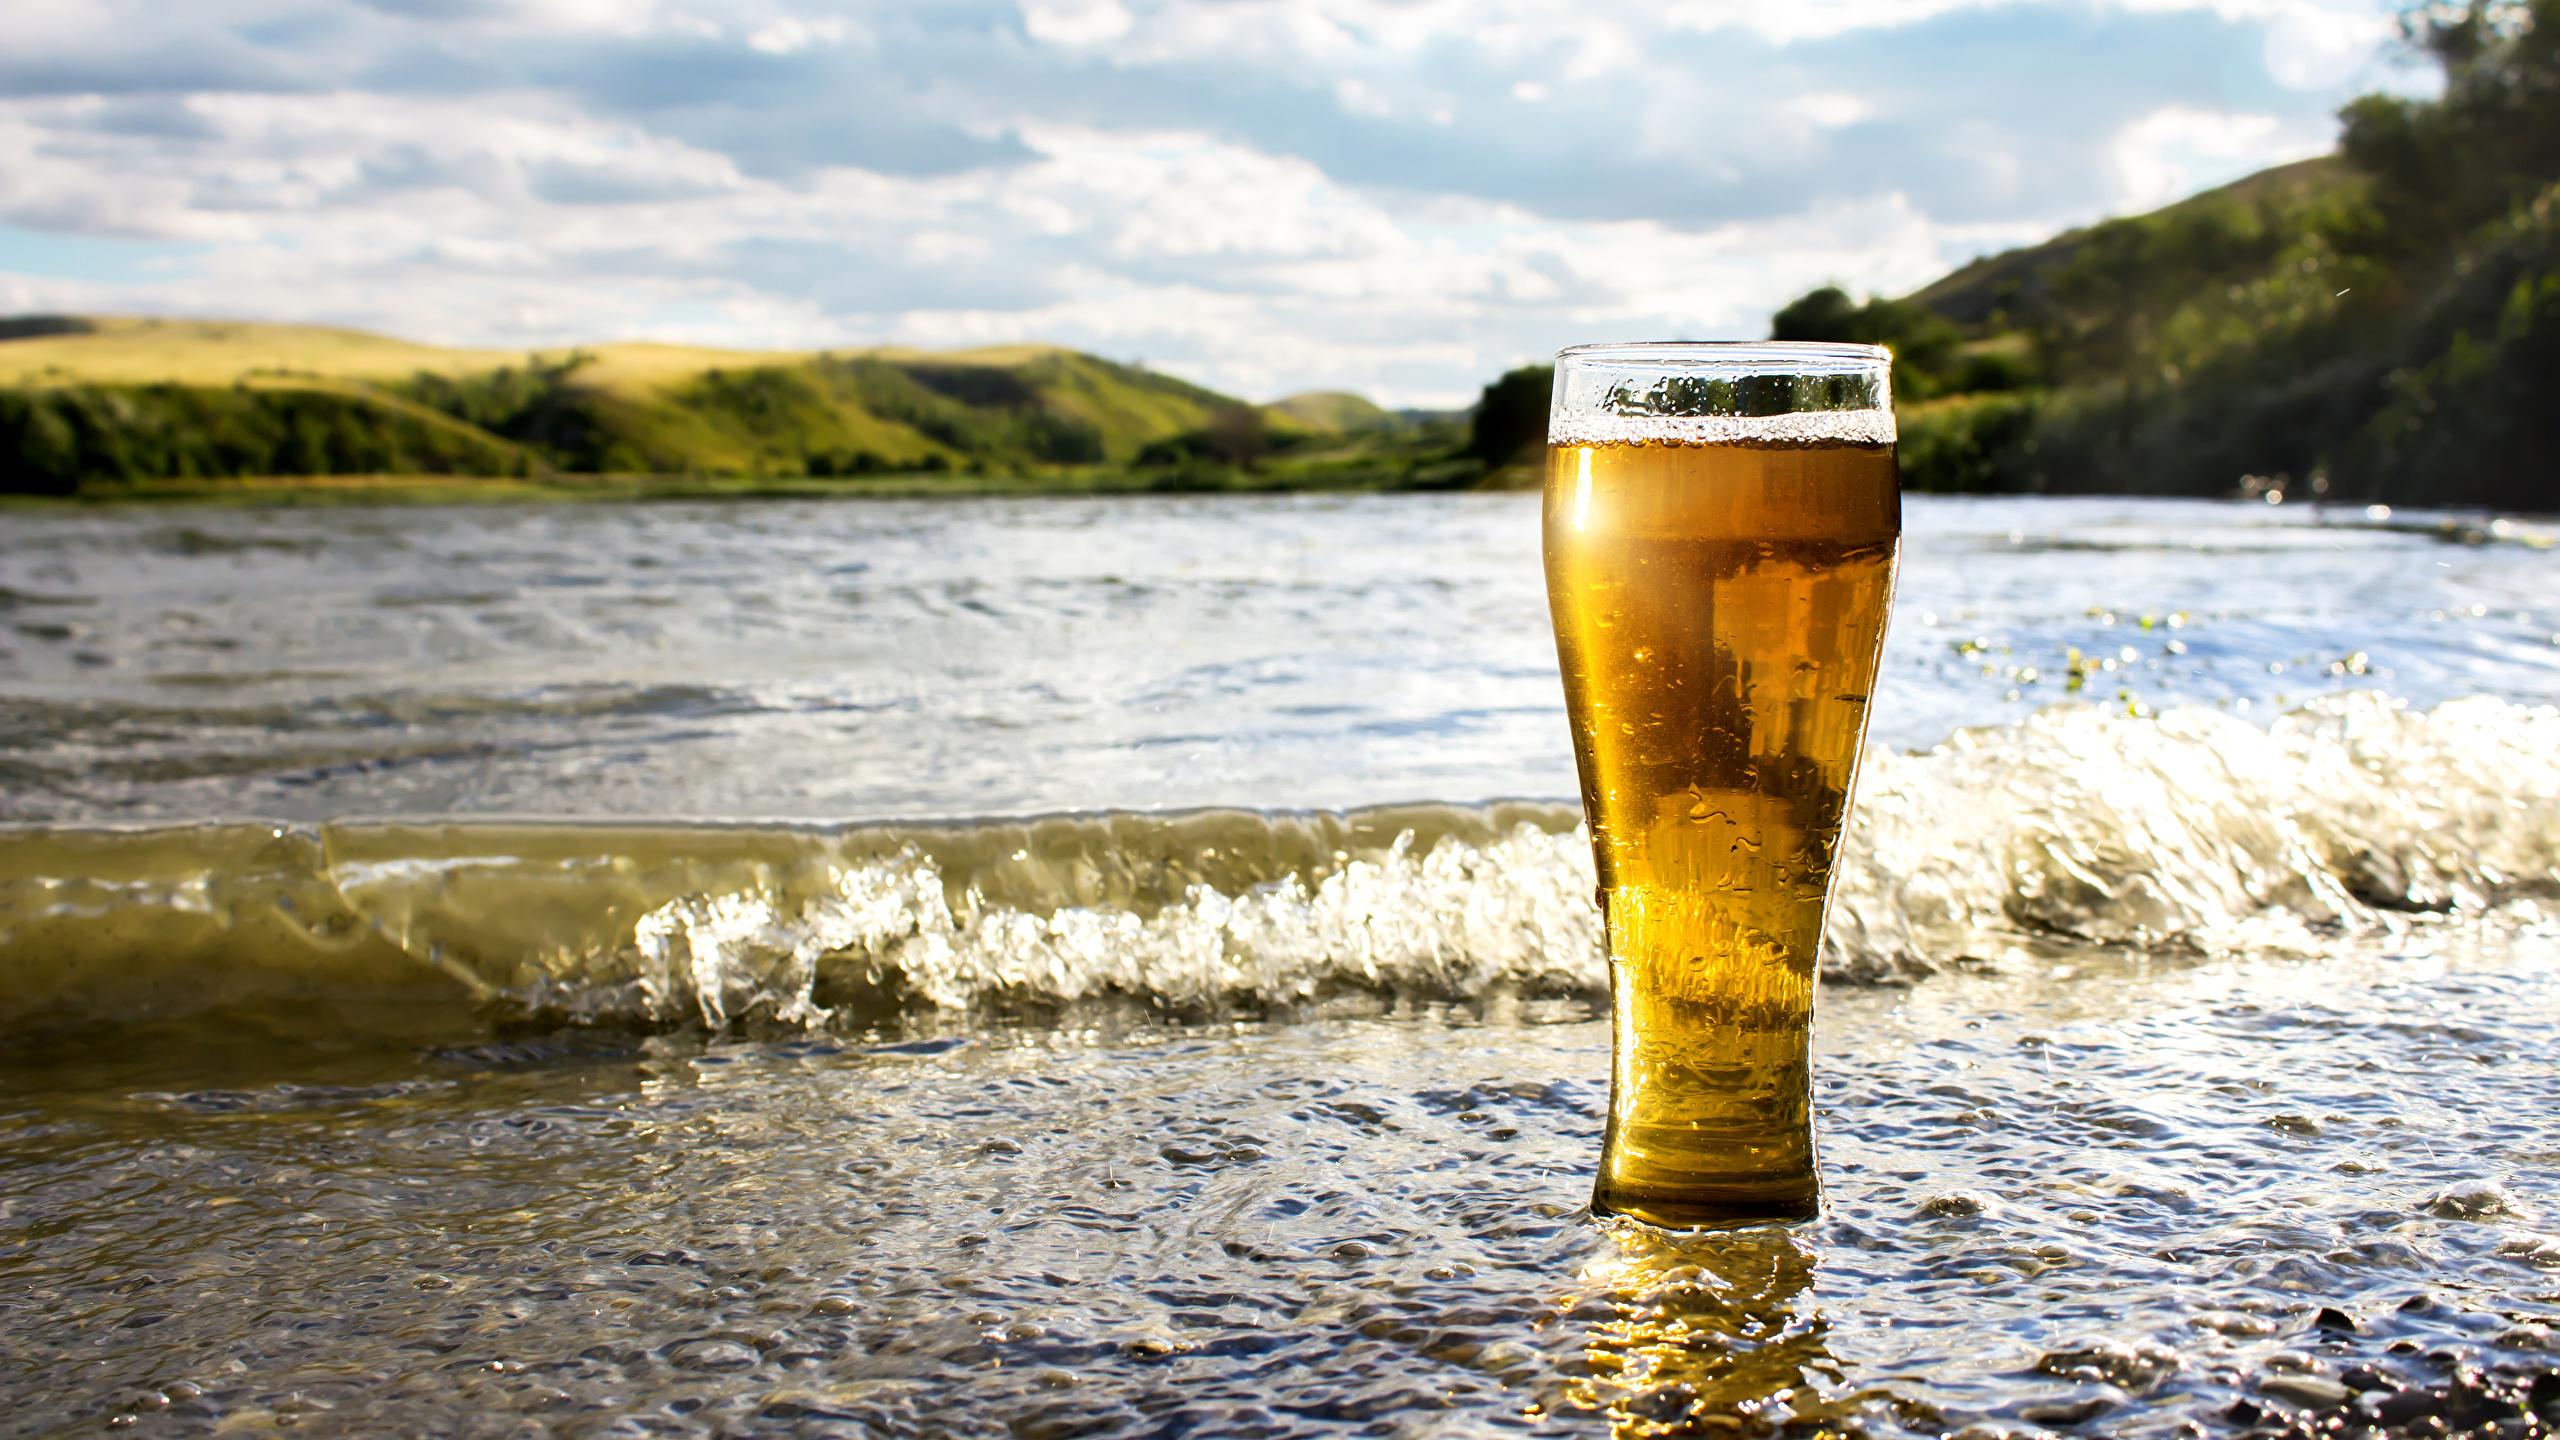 Картинки Пиво Волны стакана Побережье Продукты питания 2560x1440 Стакан стакане Еда Пища берег